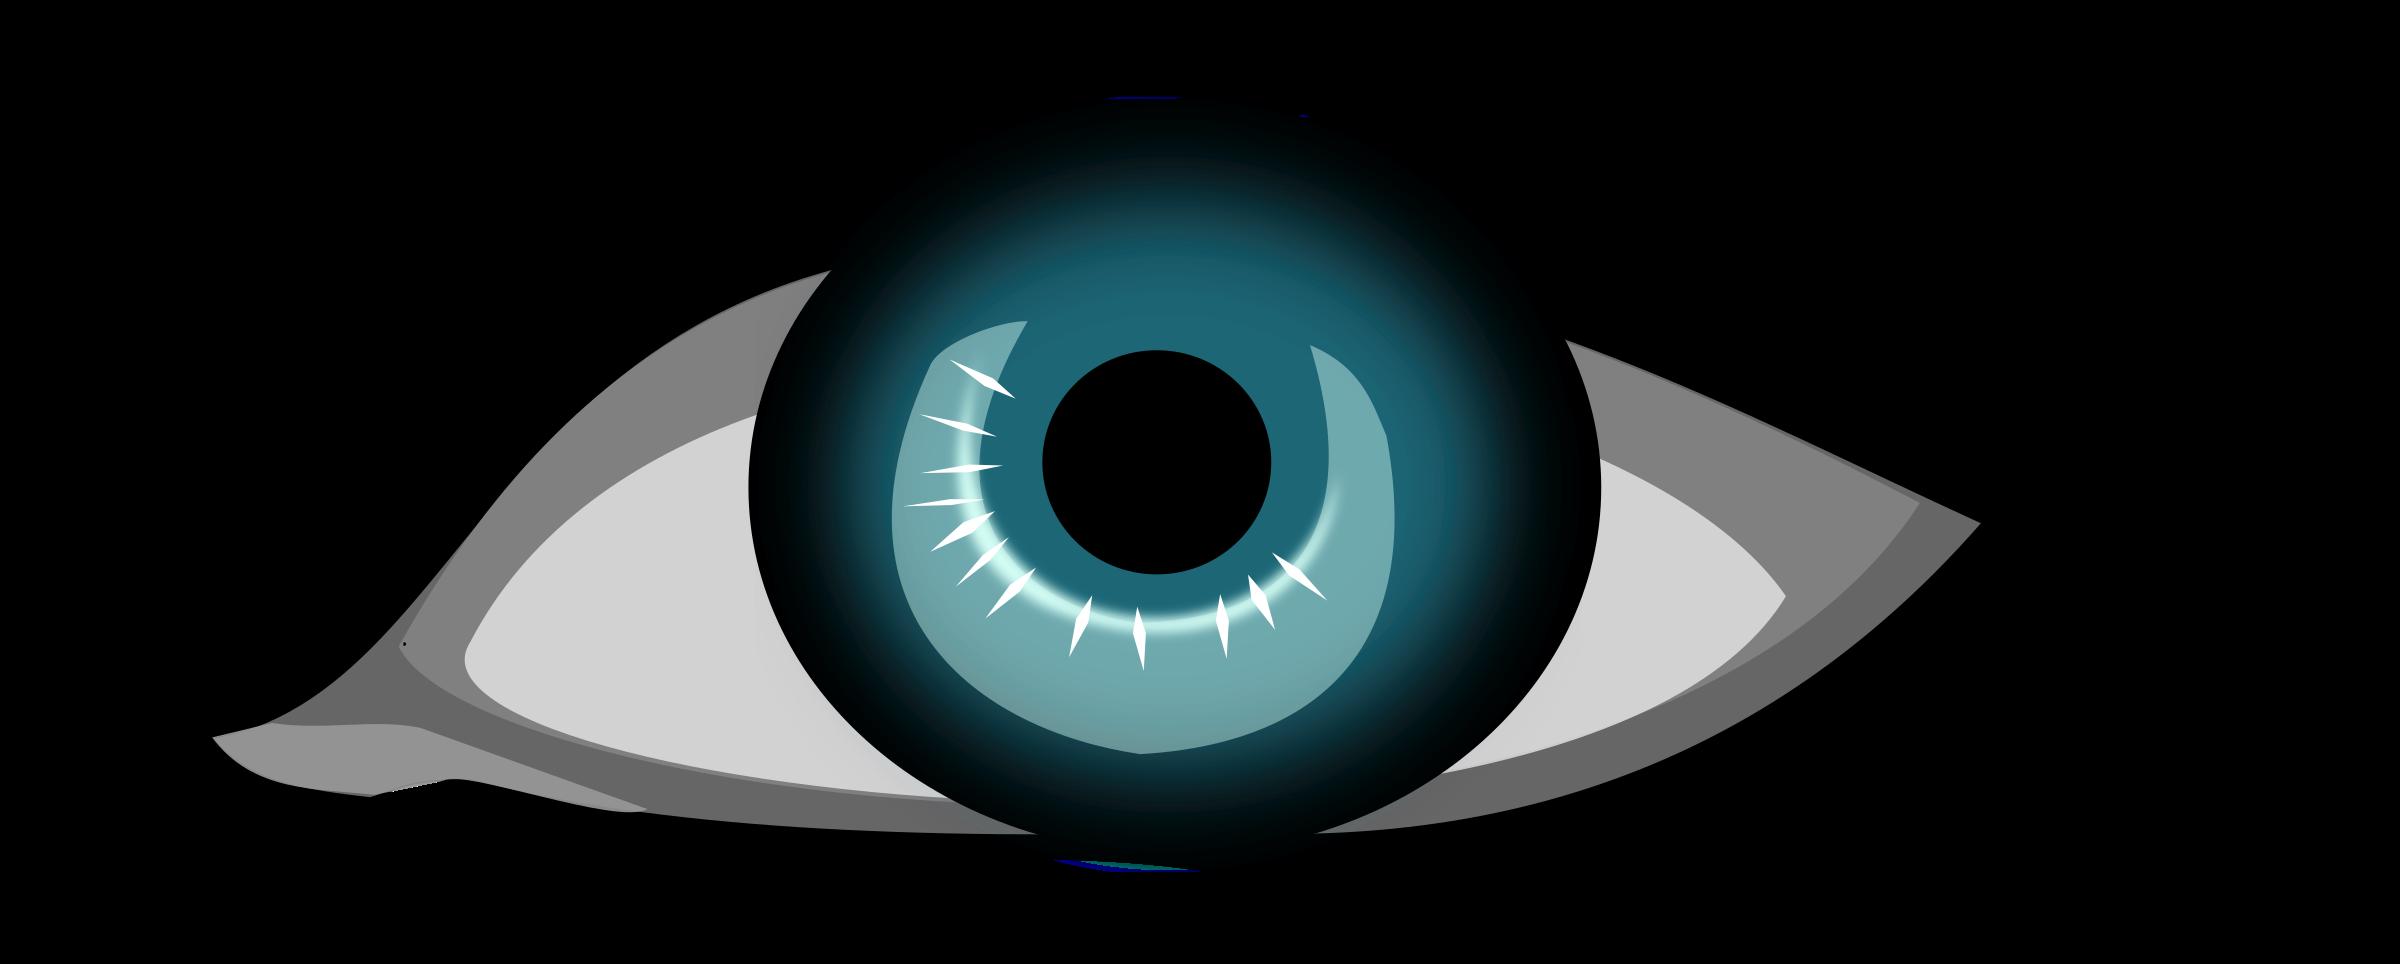 Blue eye big image. Eyelash clipart animated